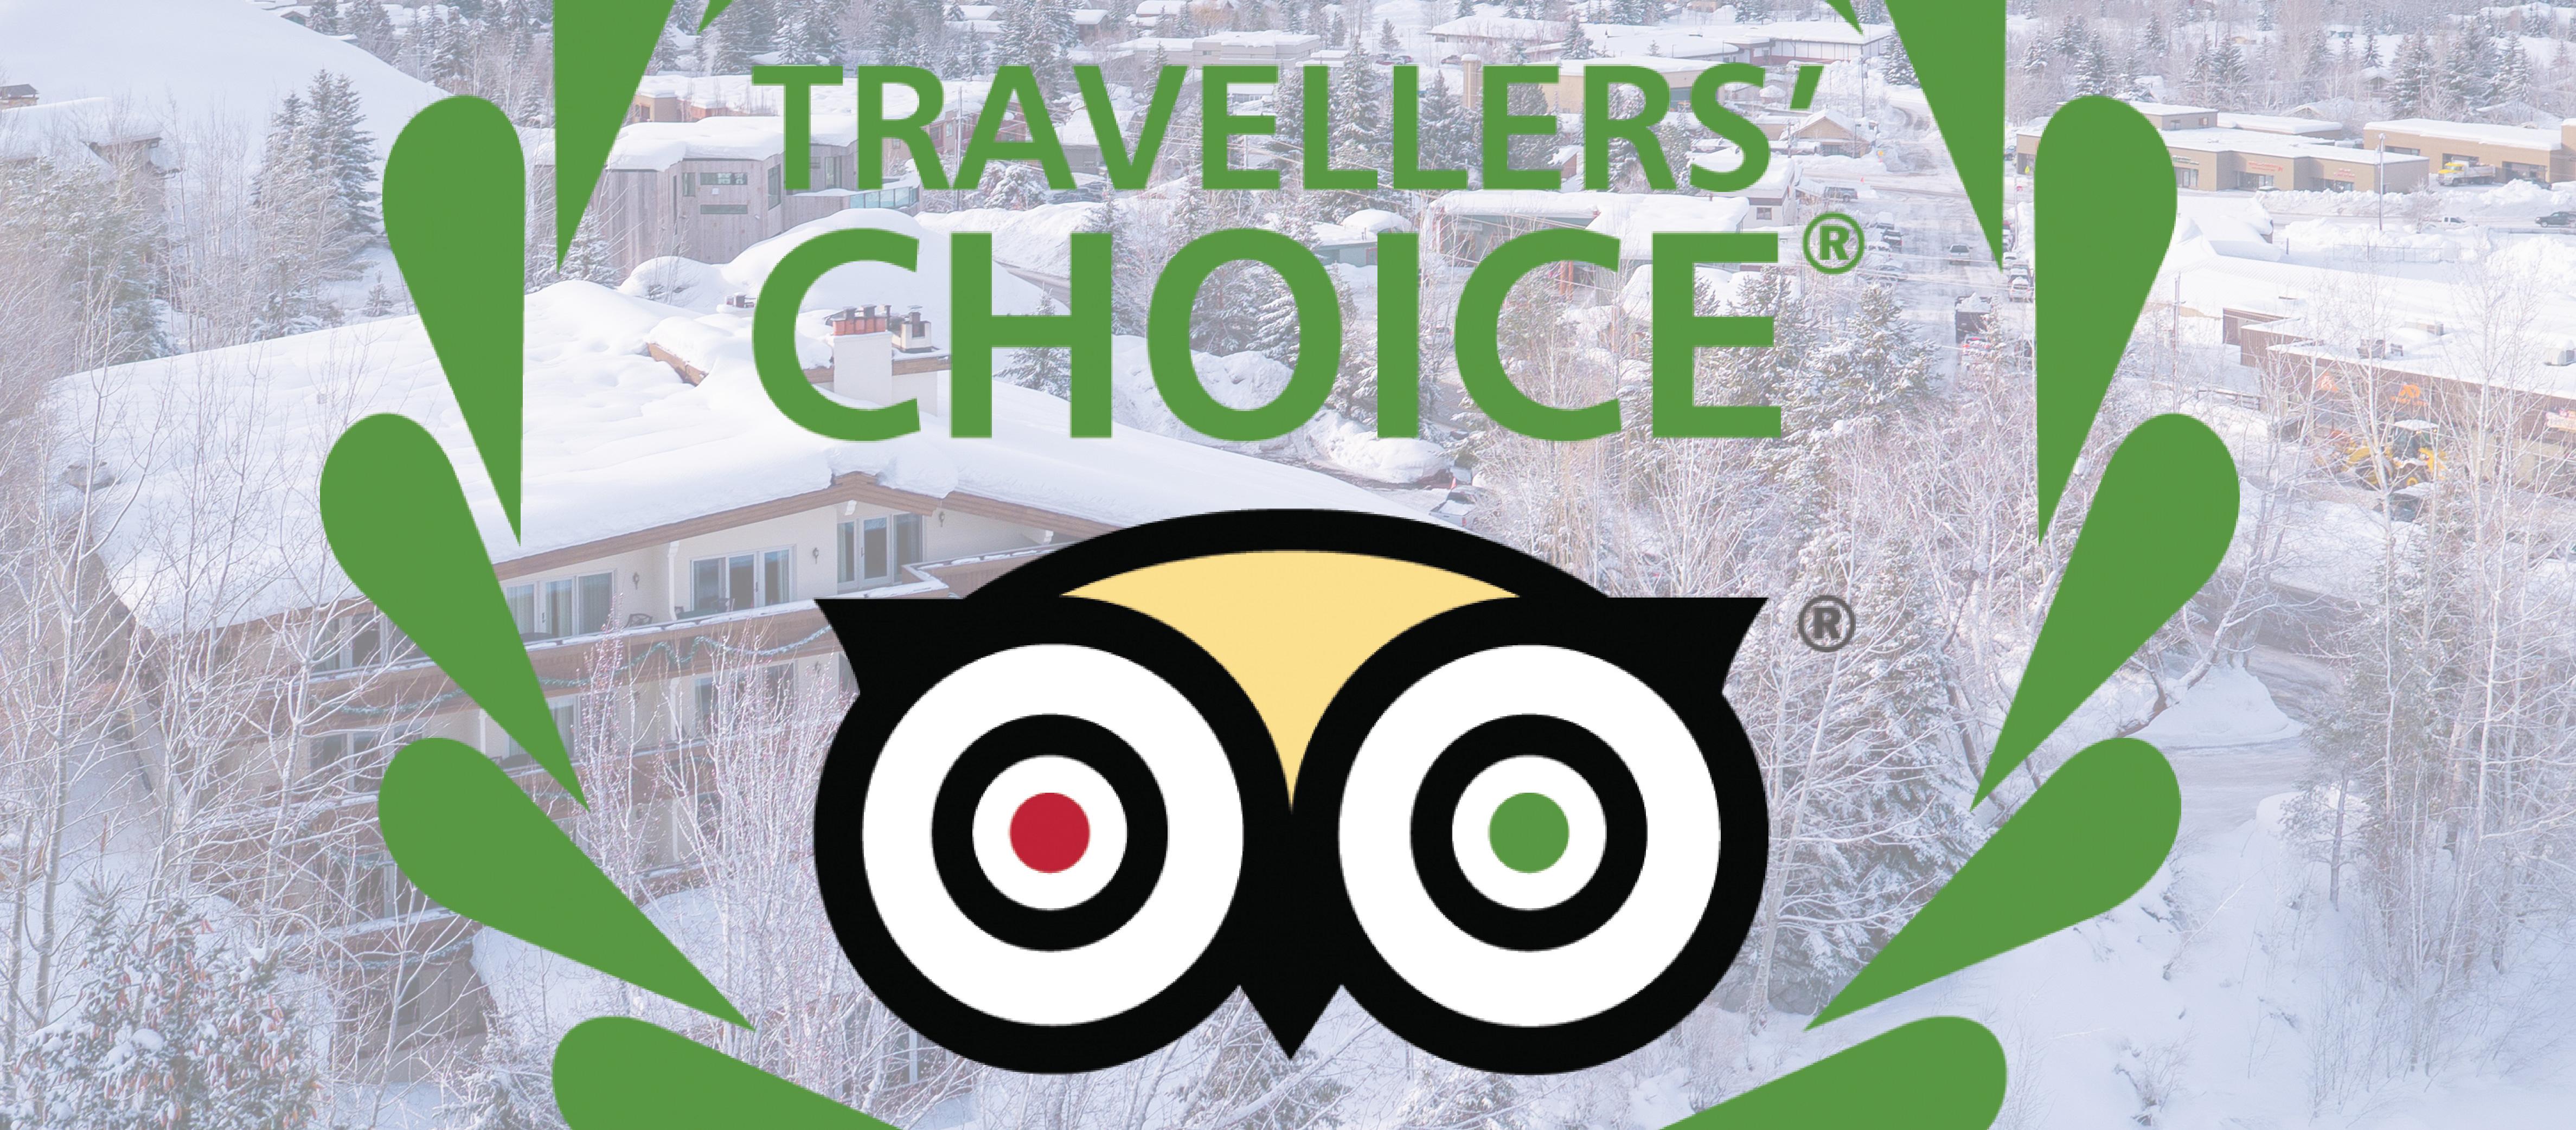 Trip Advisor Traveler's Choice logo